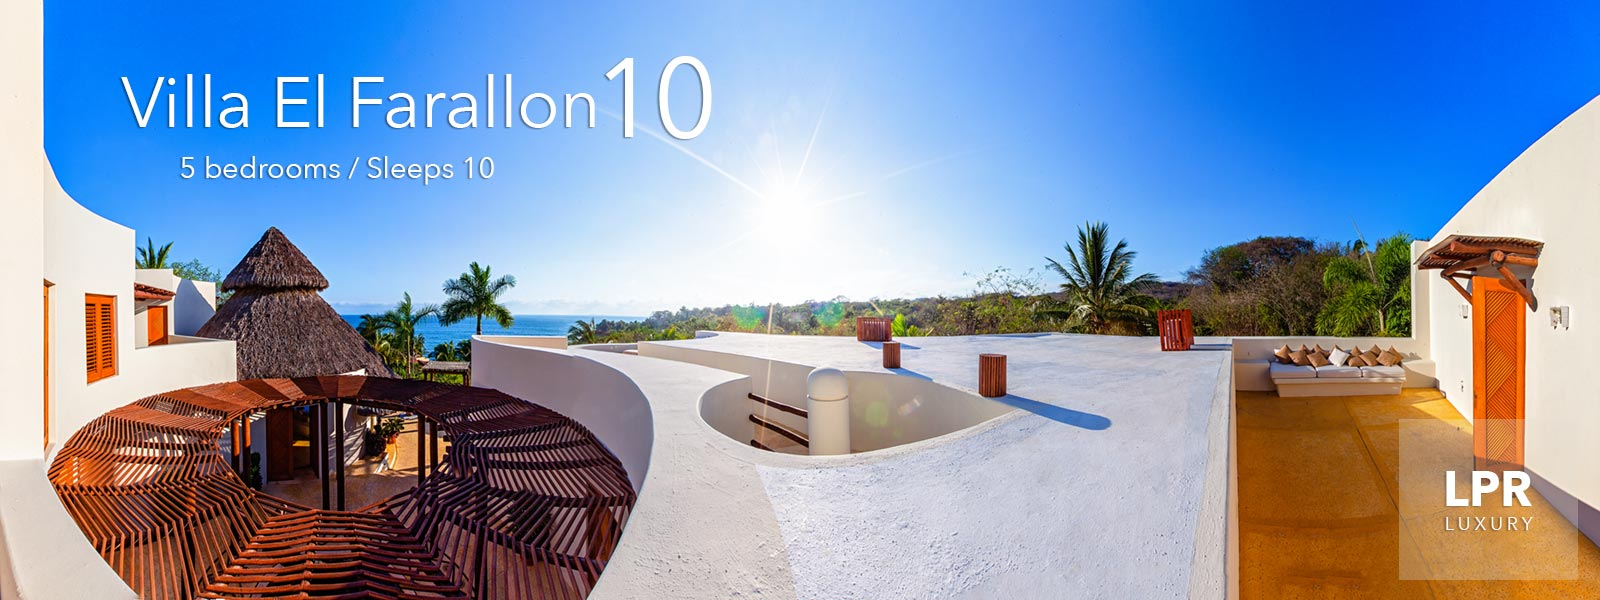 Villa El Farallon 10 - Luxury Punta de Mita Real Estate   Vacation Rentals